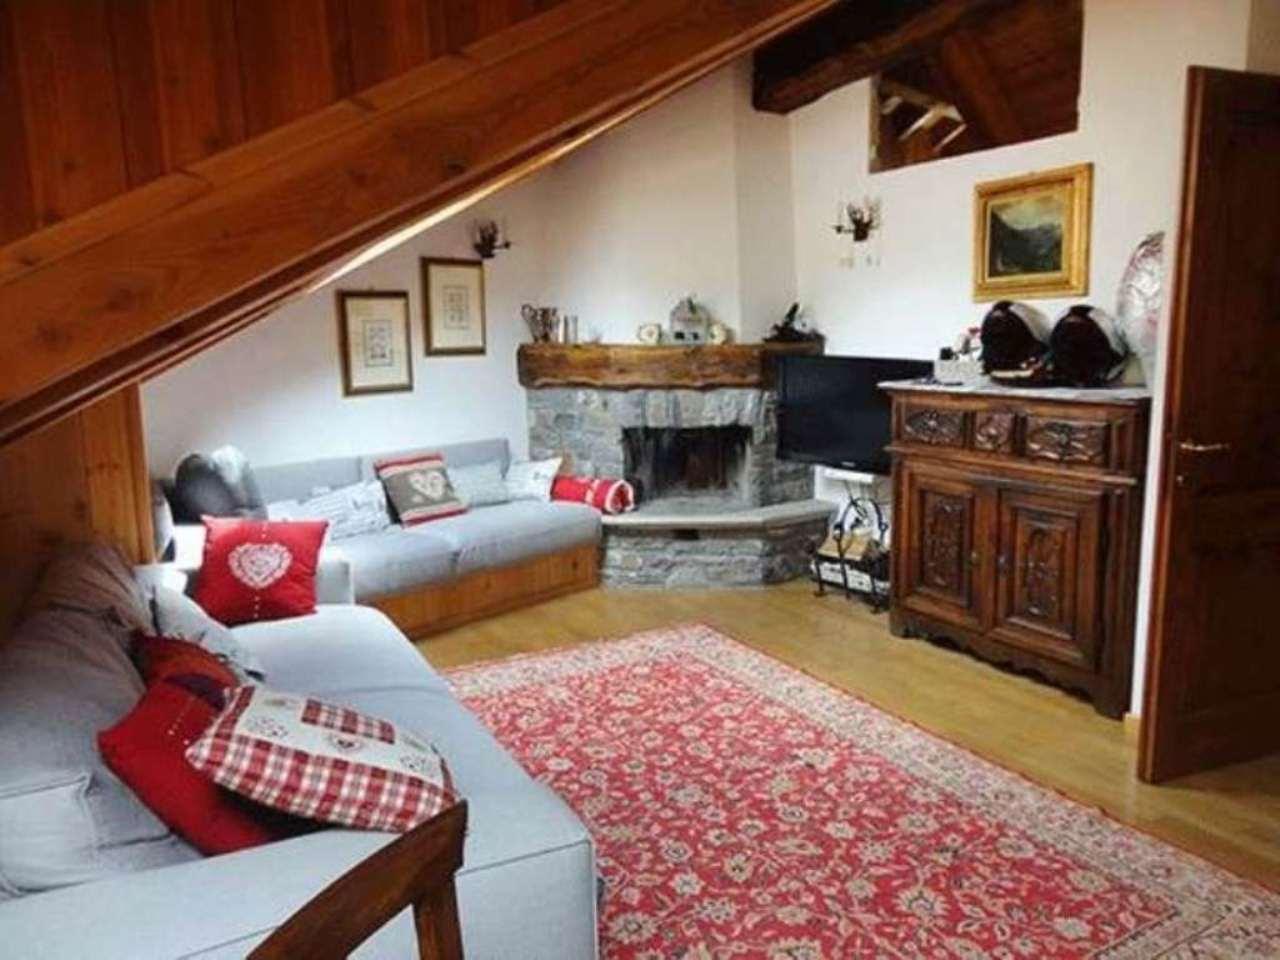 Attico / Mansarda in vendita a Courmayeur, 3 locali, prezzo € 480.000 | Cambio Casa.it